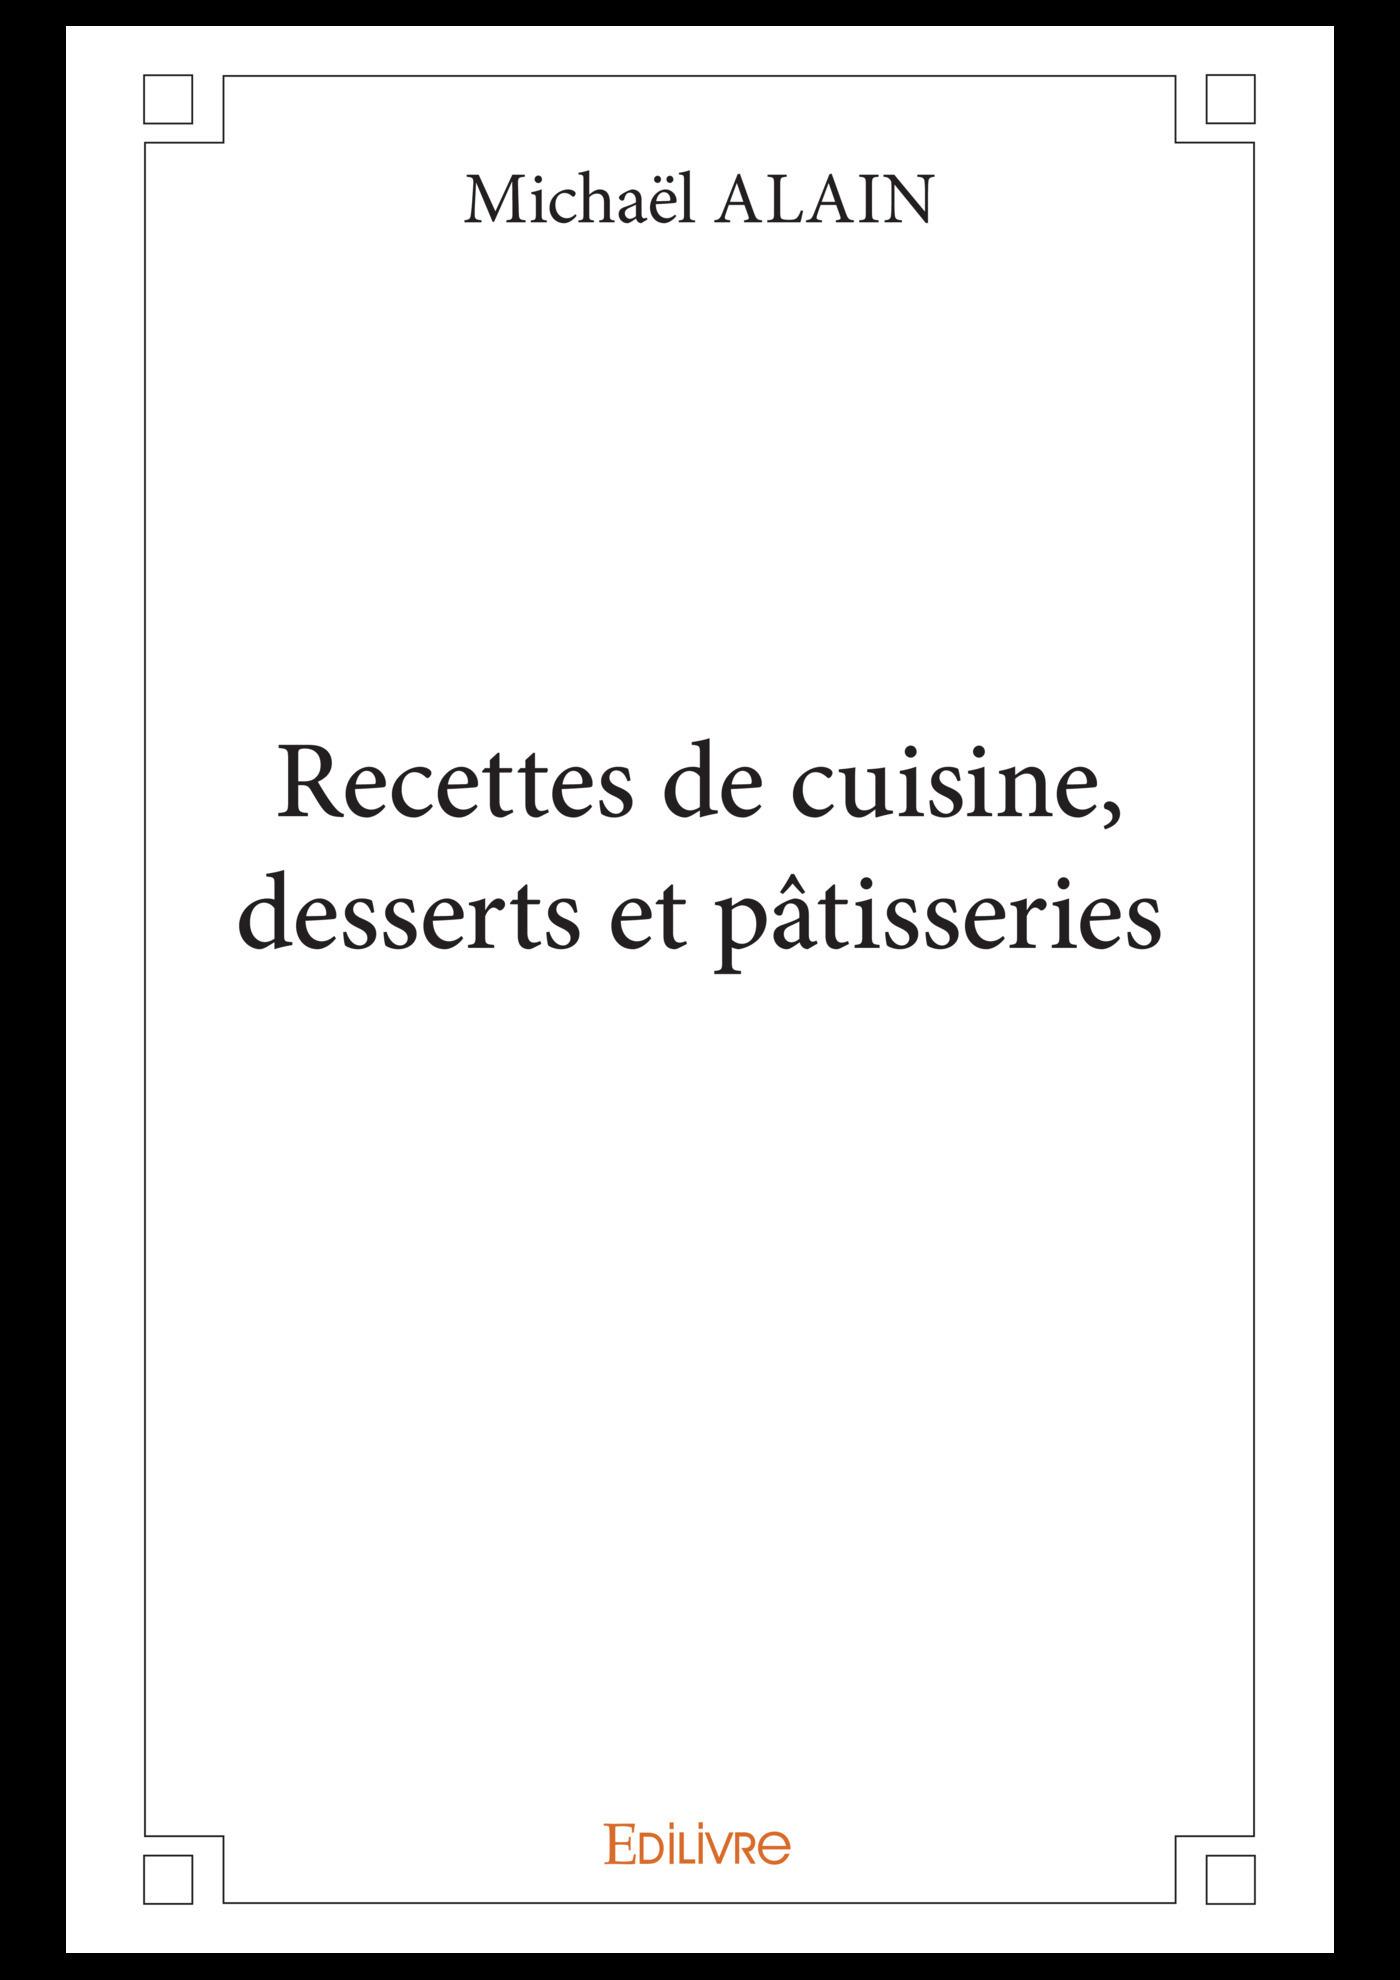 Recettes de cuisine, desserts et pâtisseries  - Michaël Alain